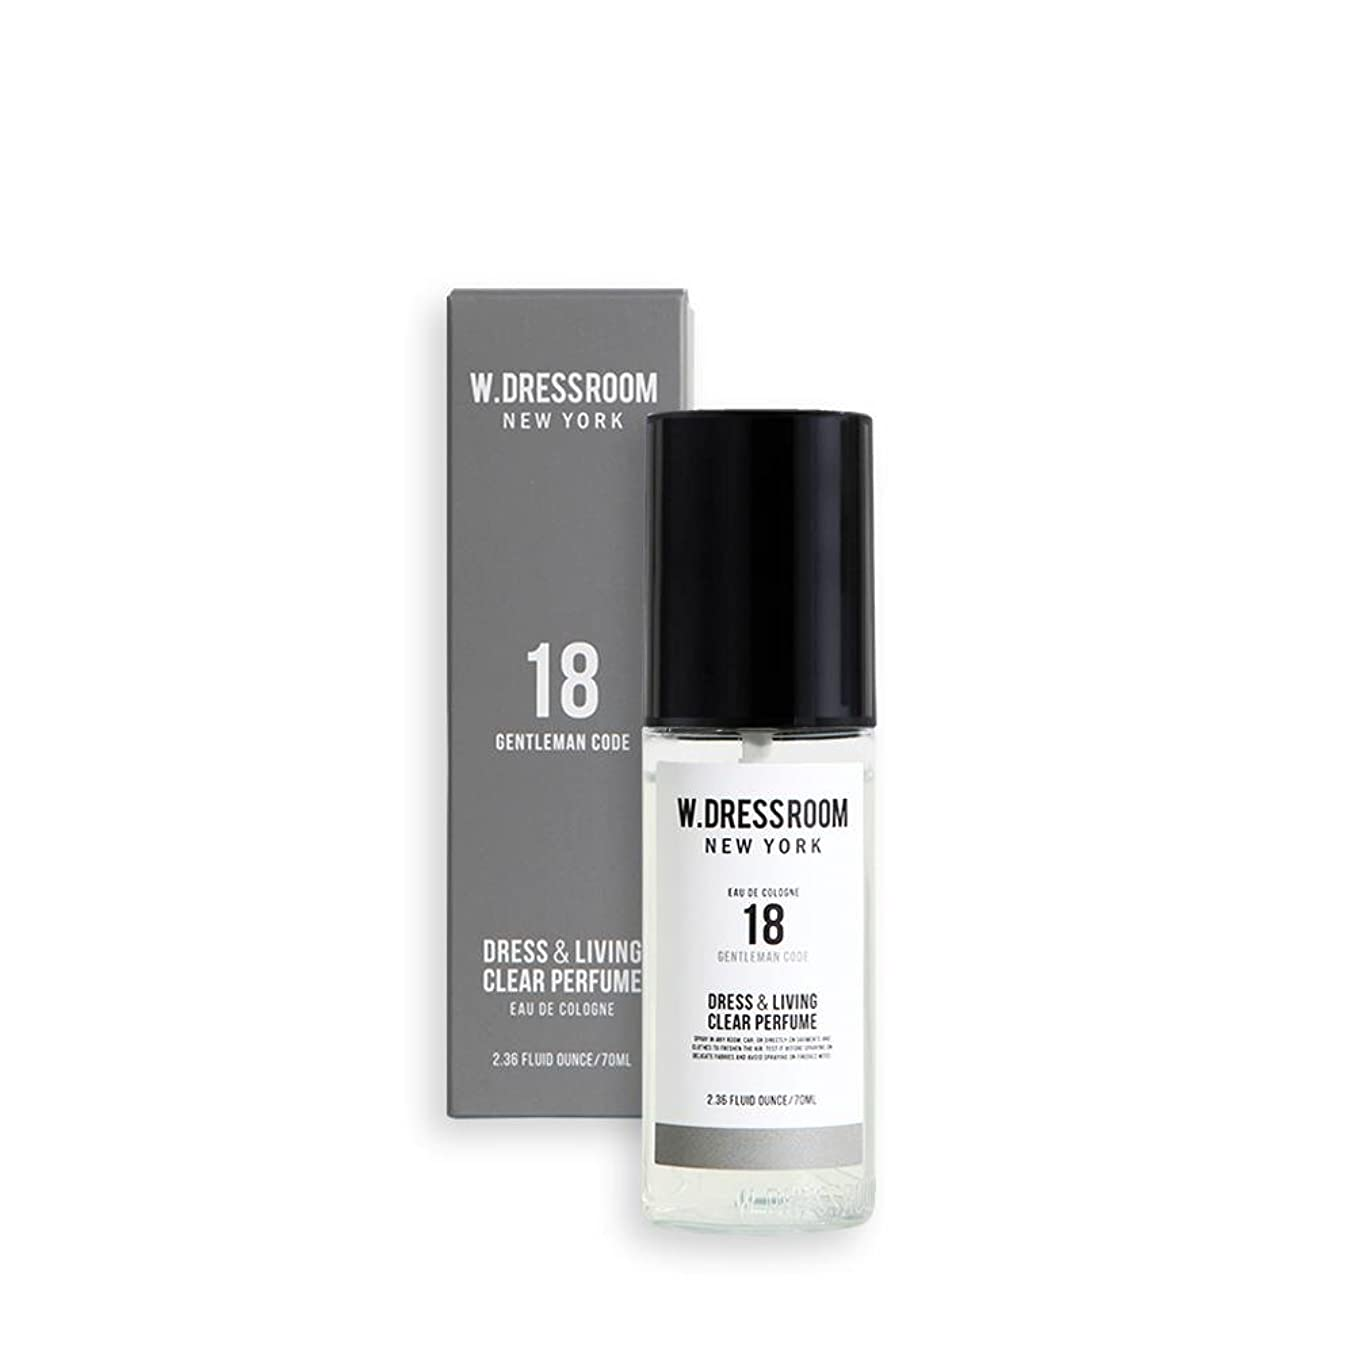 敬の念ミント散歩W.DRESSROOM Dress & Living Clear Perfume fragrance 70ml (#No.18 Gentleman Code)/ダブルドレスルーム ドレス&リビング クリア パフューム 70ml (#No.18 Gentleman Code)